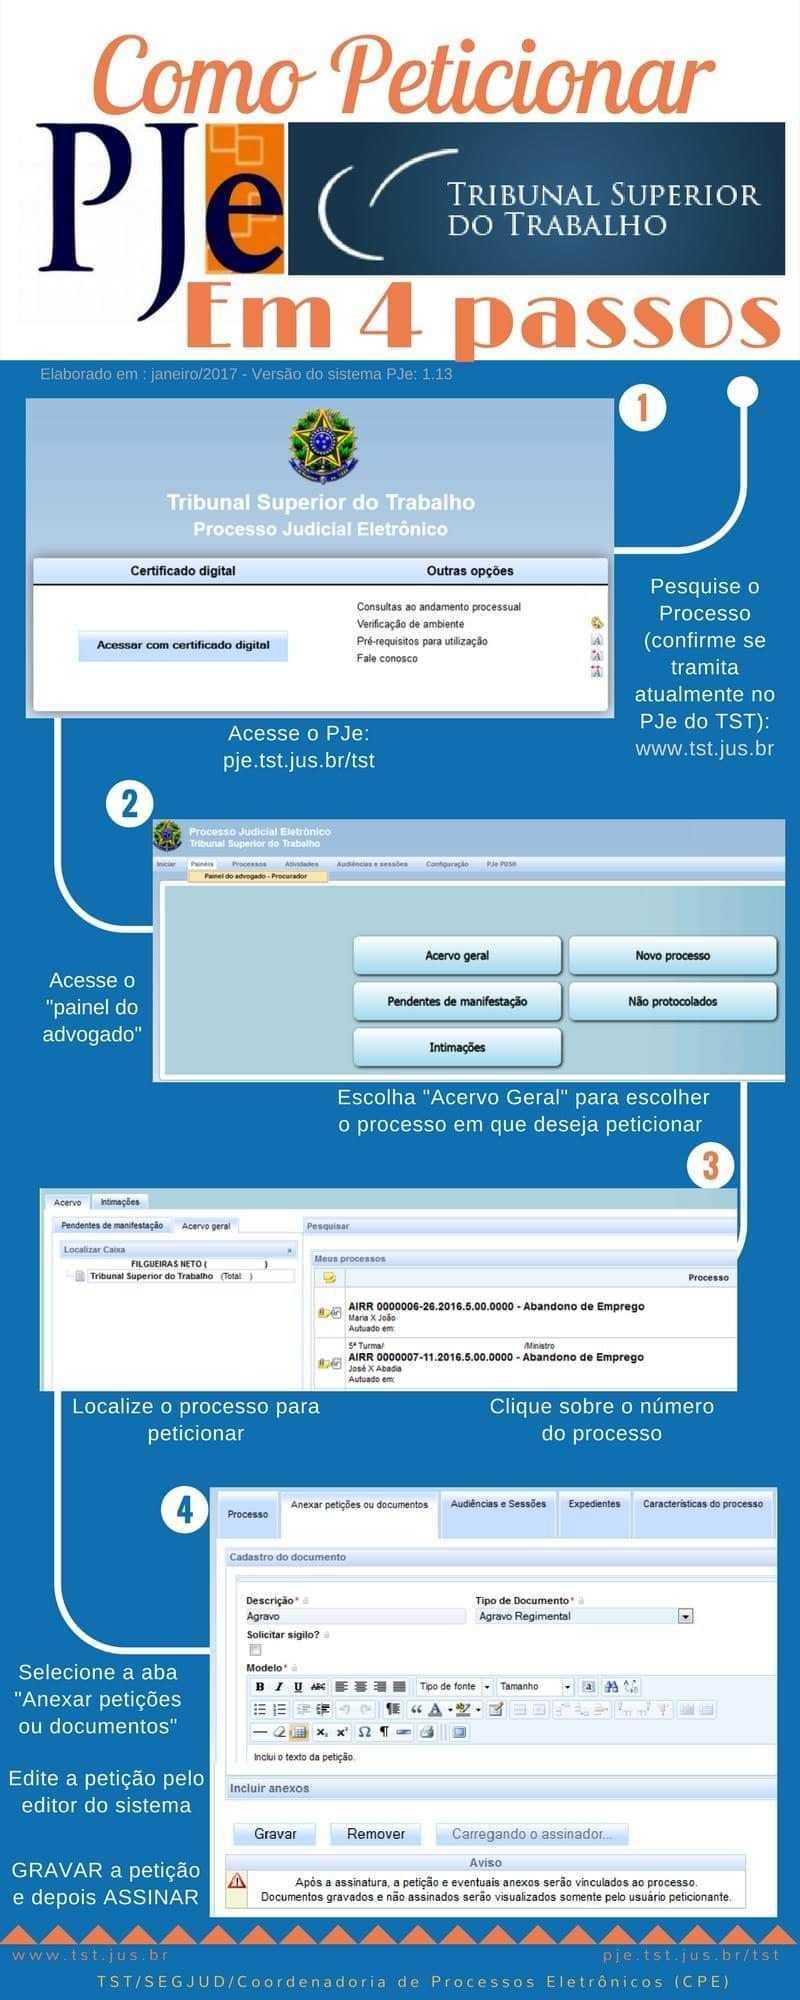 Infográfico explica como peticionar processos no PJe do TST em quatro passos